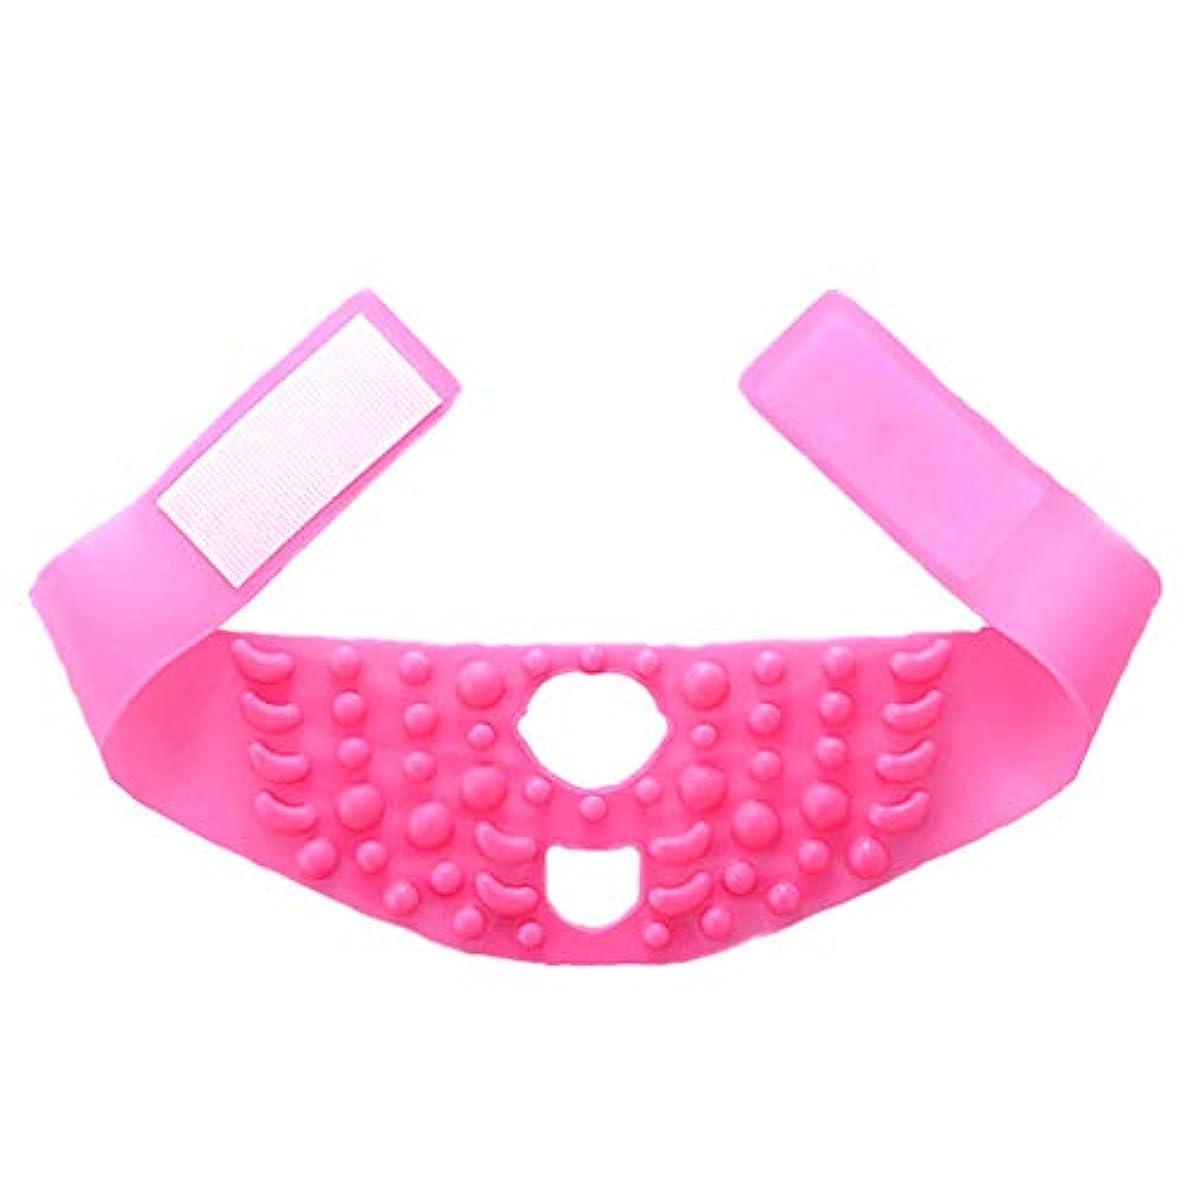 に頼るぬるい消費GLJJQMY 顔の持ち上がるマスクのあごのリボンのシリコーンVのマスクのマスク強力な包帯Vの表面の人工物小さいVの顔の包帯顔および首の持ち上がるピンクのシリコーンの包帯 顔用整形マスク